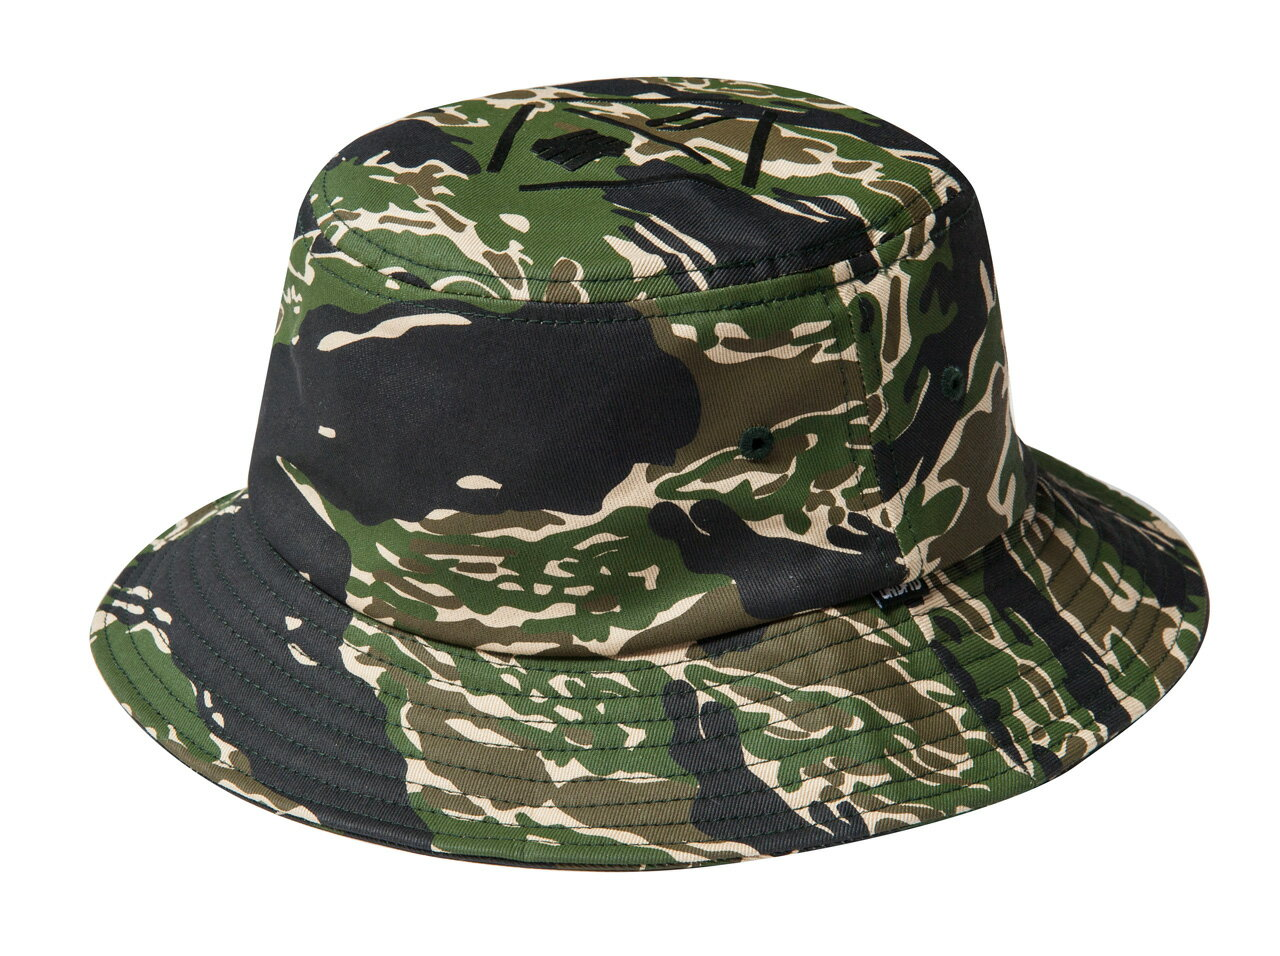 UNDEFEATED REGIMENT BUCKET HAT(161-532330)【アンディフィーテッド レジメント バケット ハット】【ハットメンズ】【メンズ帽子】【メンズハットコーデ】【帽子キャップ】【UNDFTD】【UND】